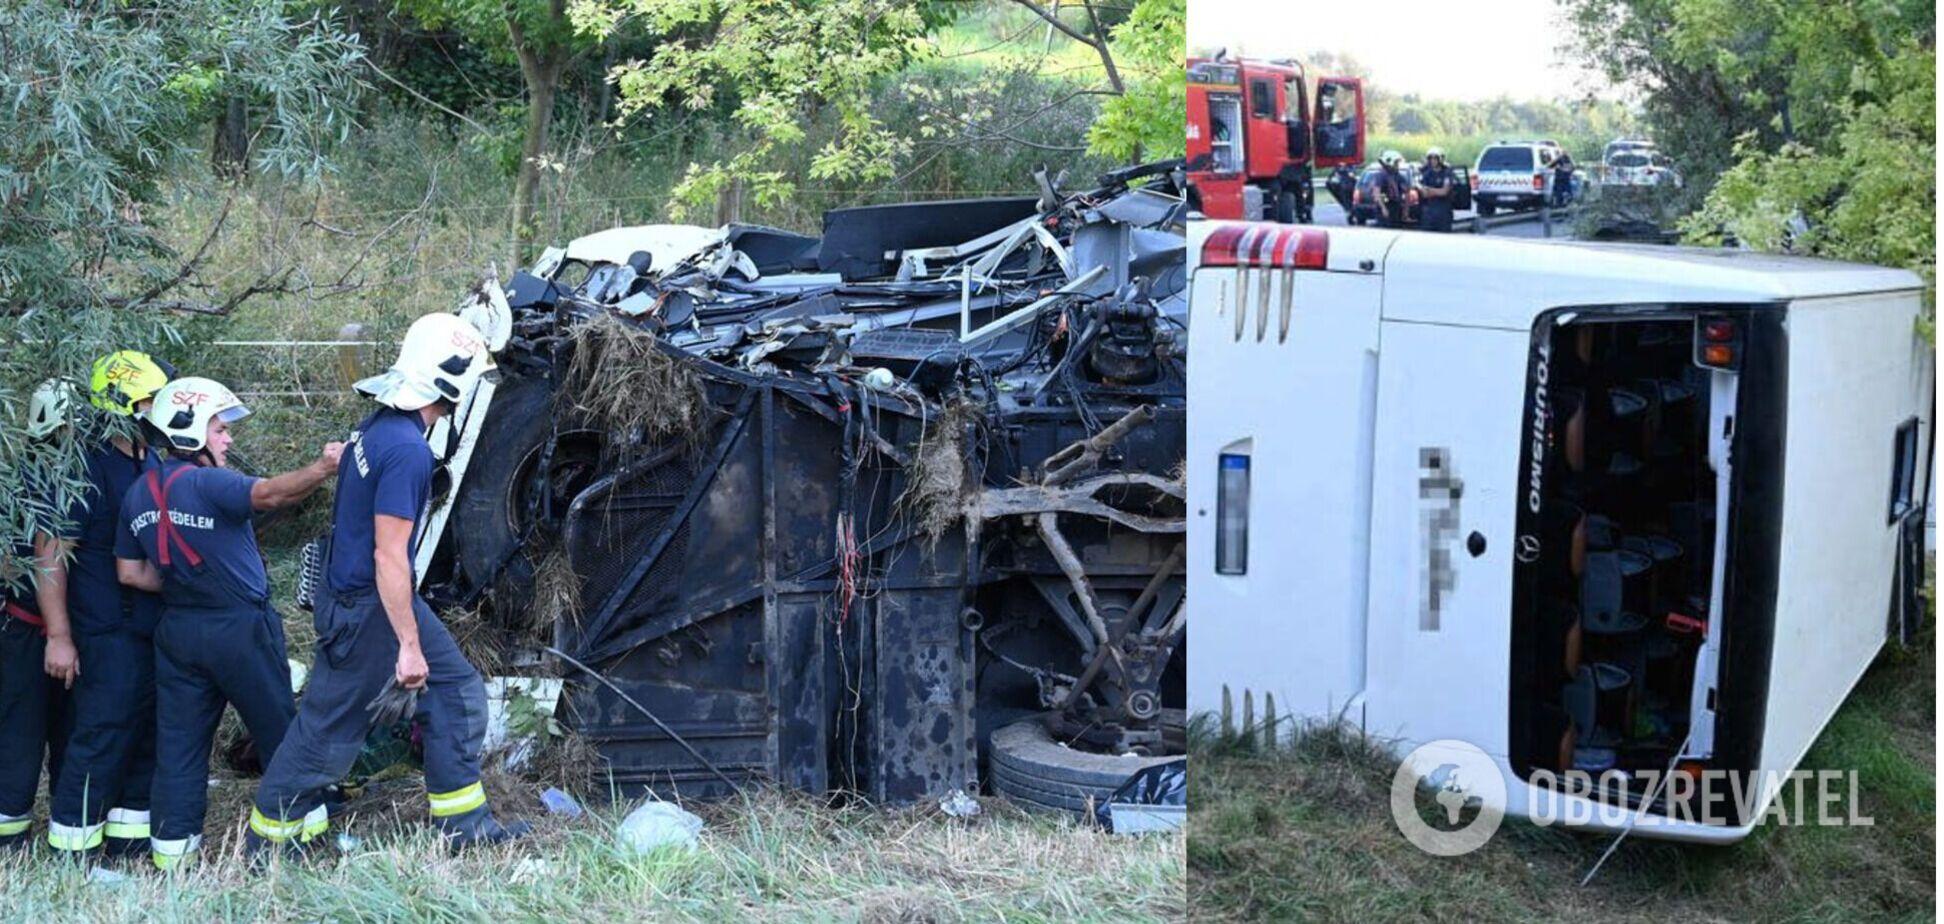 В Венгрии перевернулся пассажирский автобус: 8 погибших и десятки пострадавших. Фото